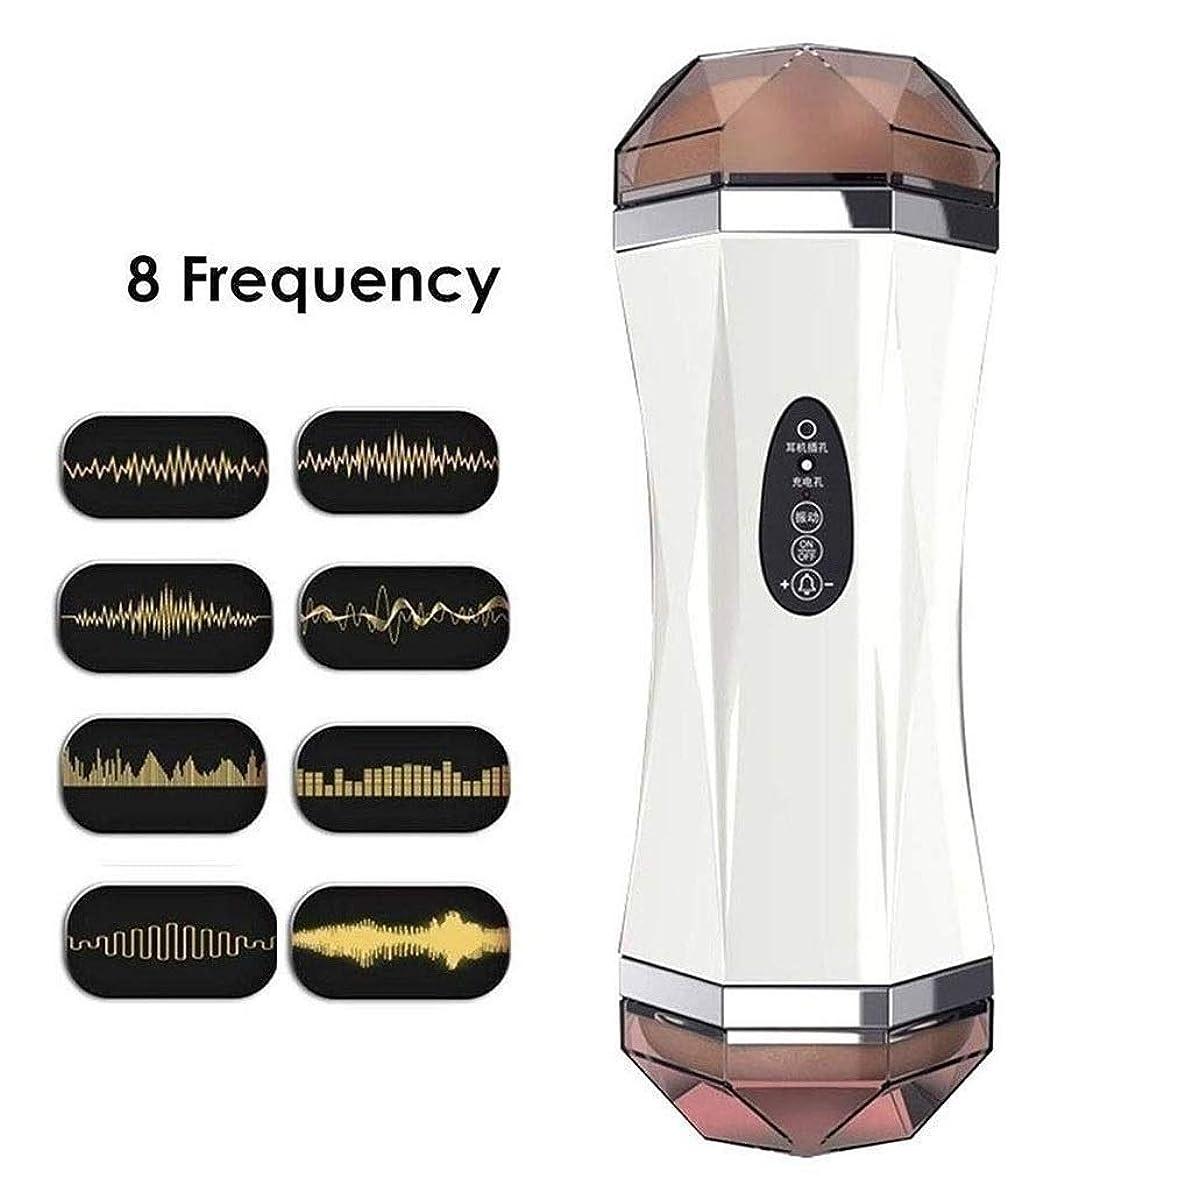 報復する誇張フェザー男性遅延トレーナー吸いマッサージャーUSB 8周波振動と音声対話電子マッサージカッププライベートな包装と充電